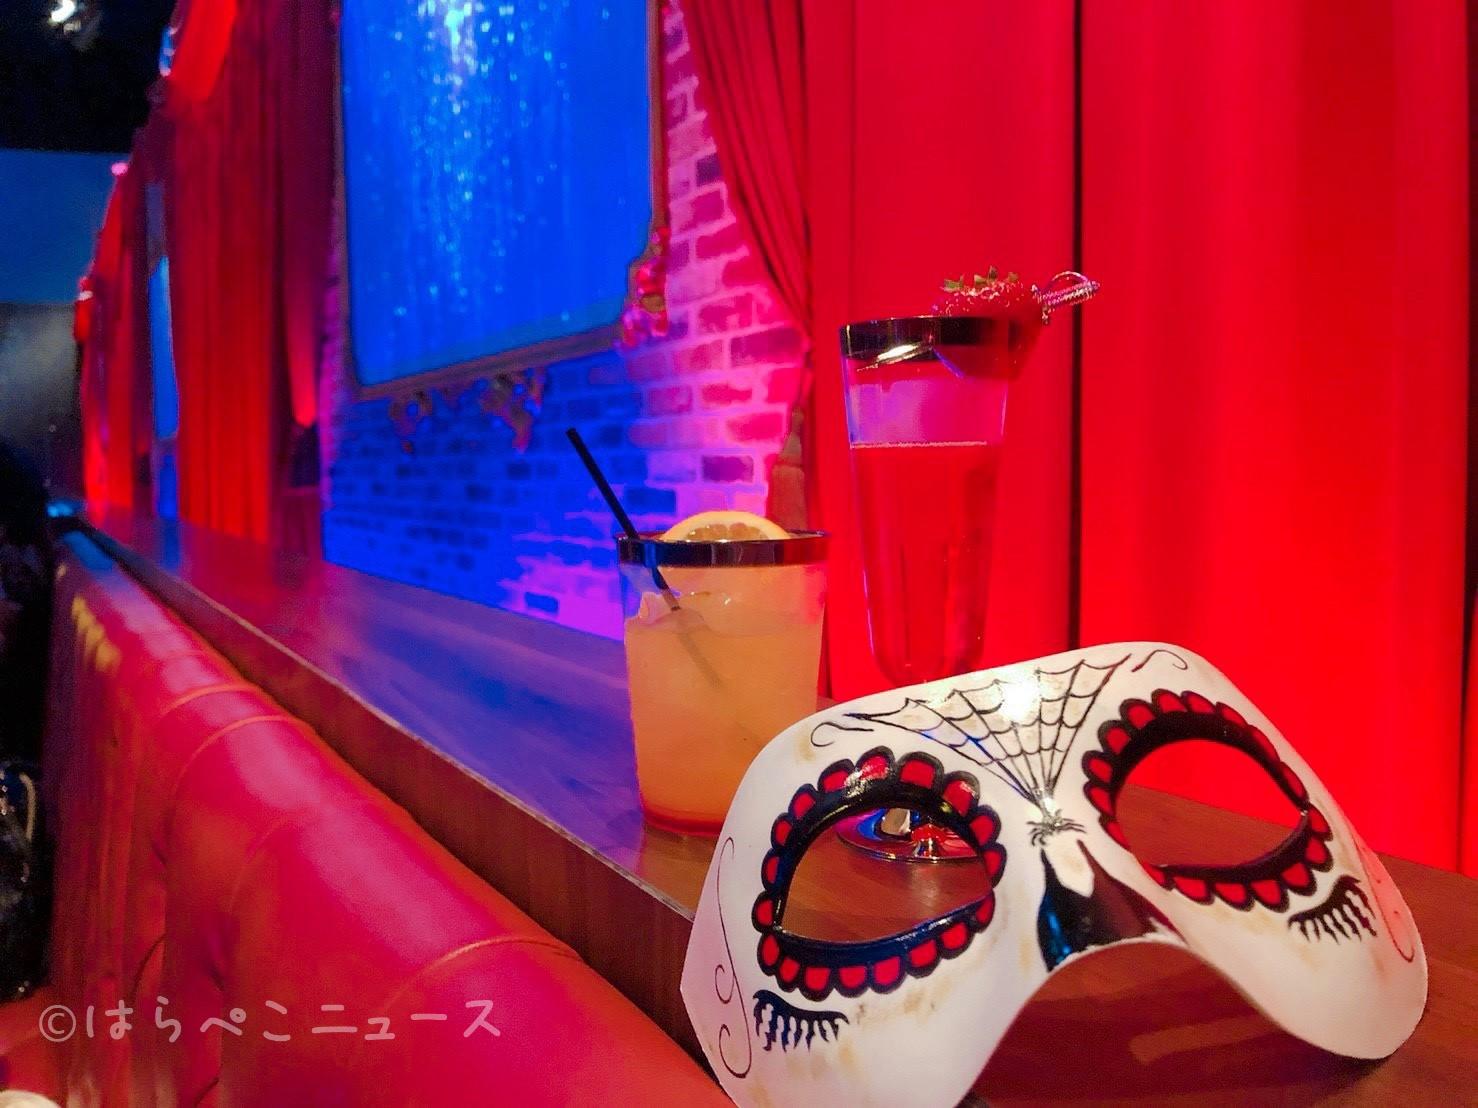 【体験レポ】ホテル・アルバート ラウンジ&フォト・スポット!「ユニバーサル・スタジオ・ジャパン」